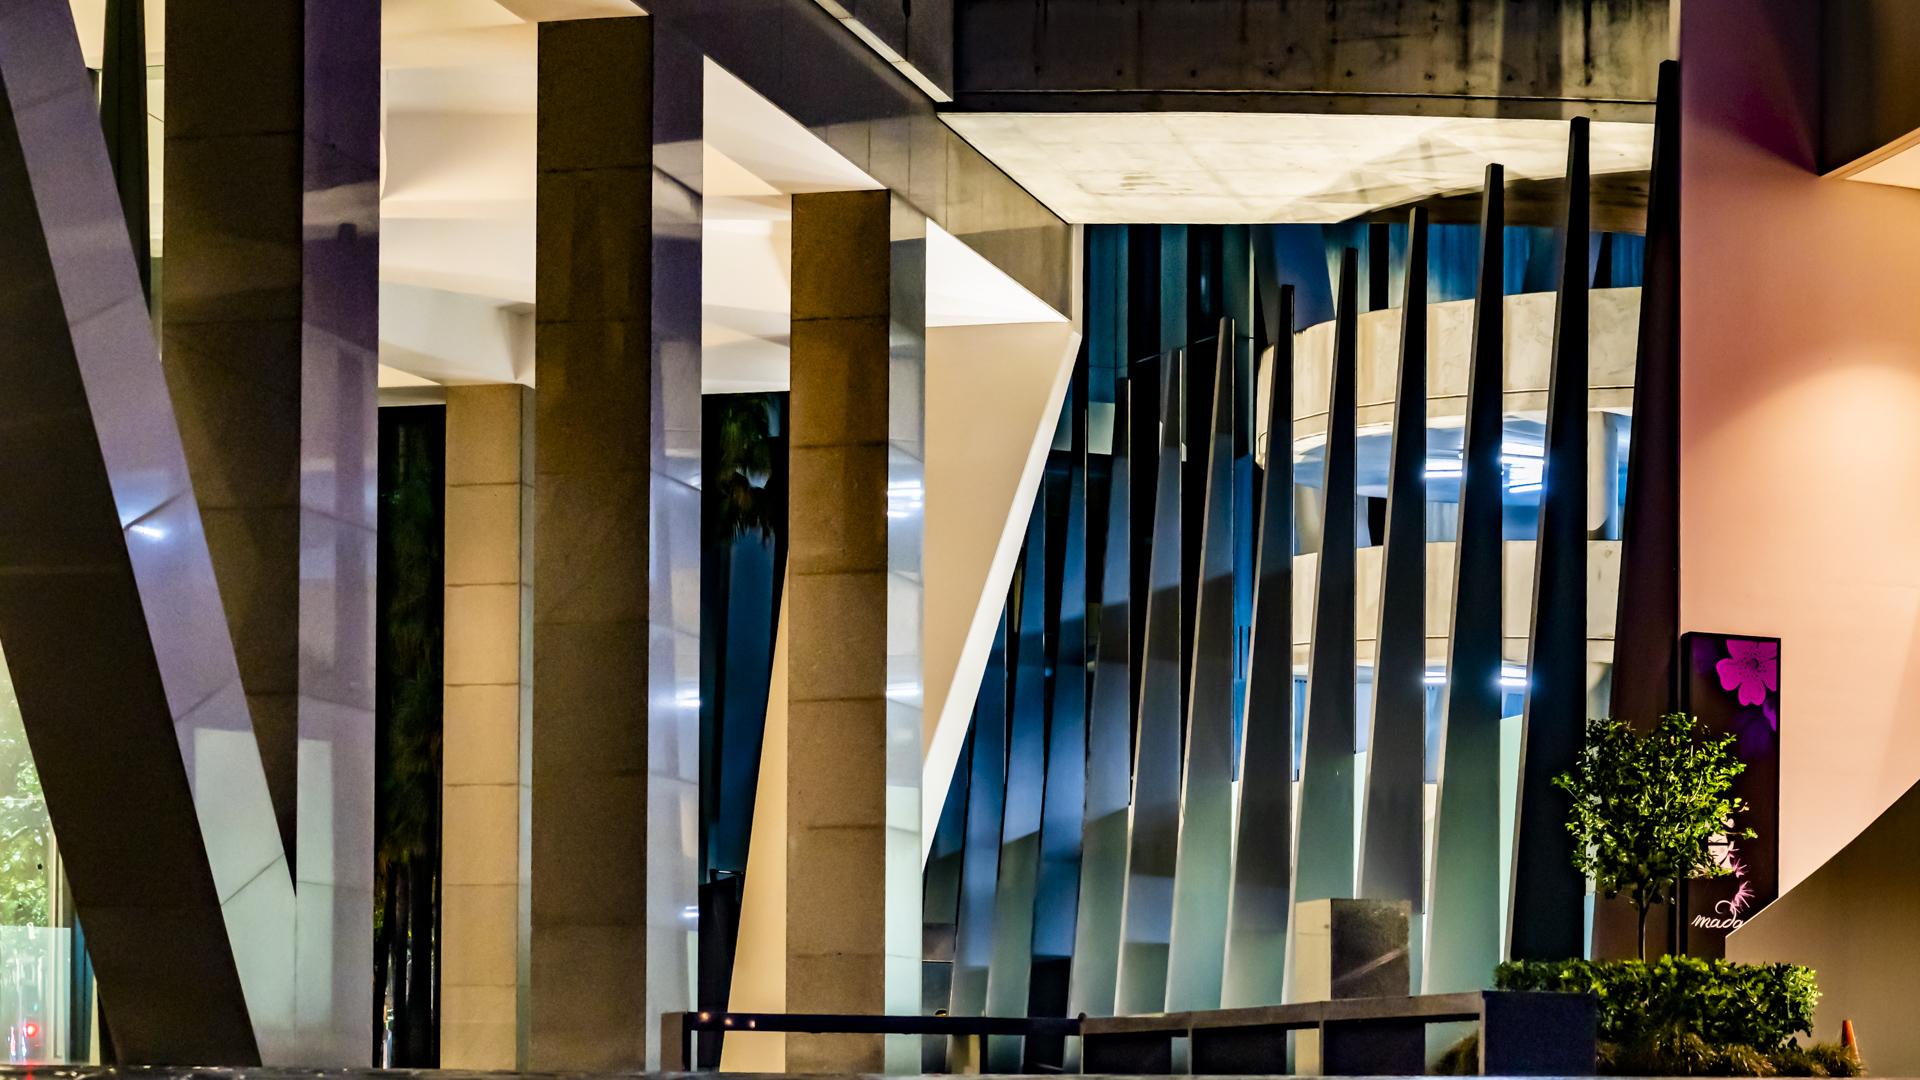 Architecture_Sliver_Geoff Shortland_Bgr_Merit